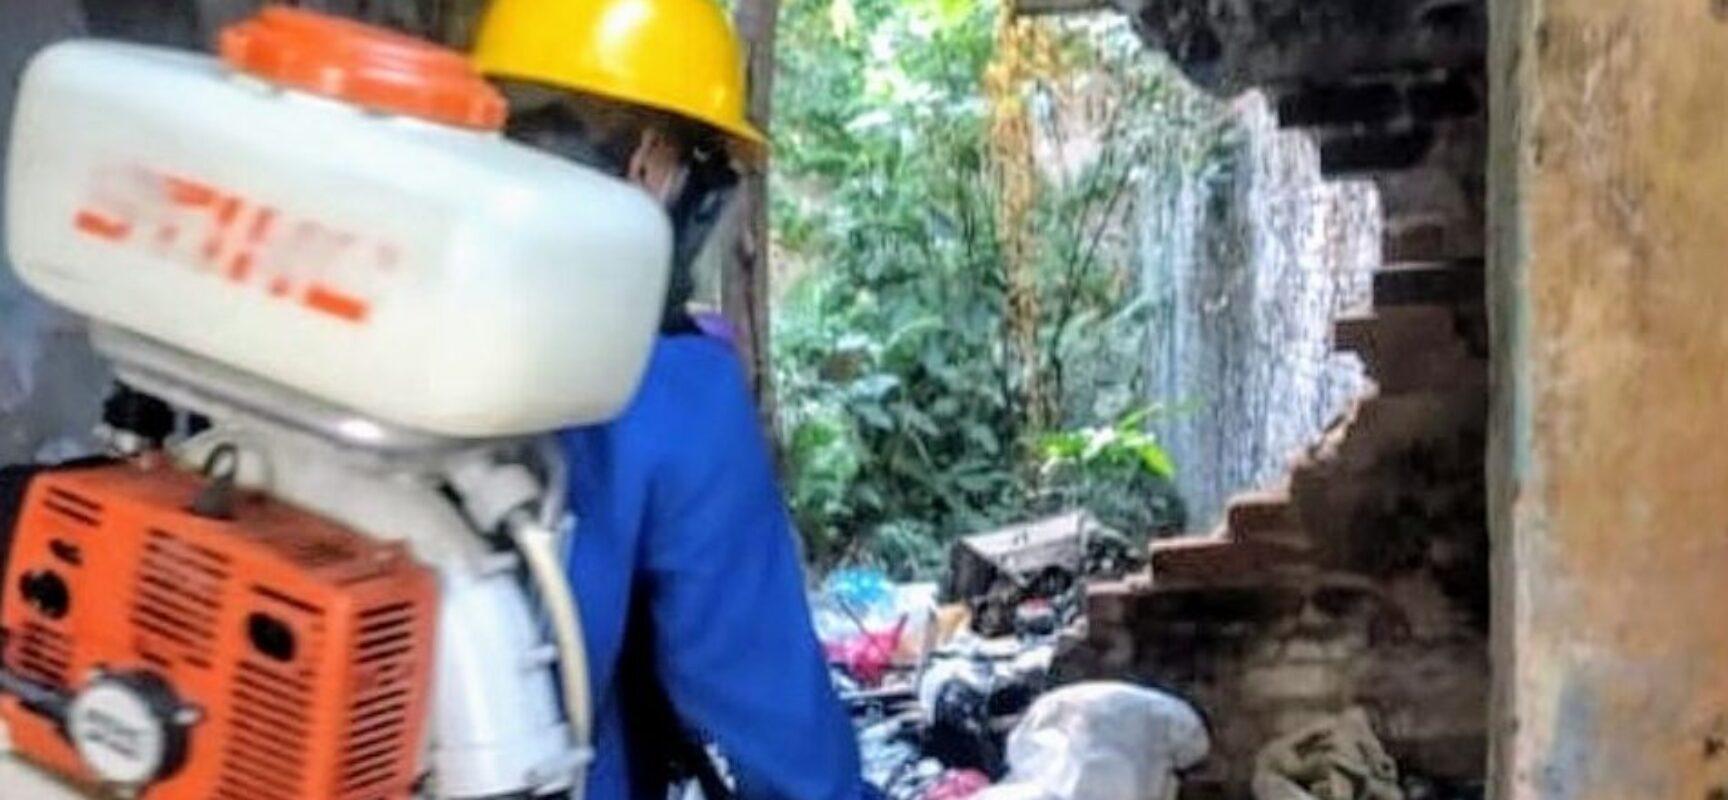 Combate ao mosquito da dengue em Itabuna tem ações conjuntas das secretarias municipais